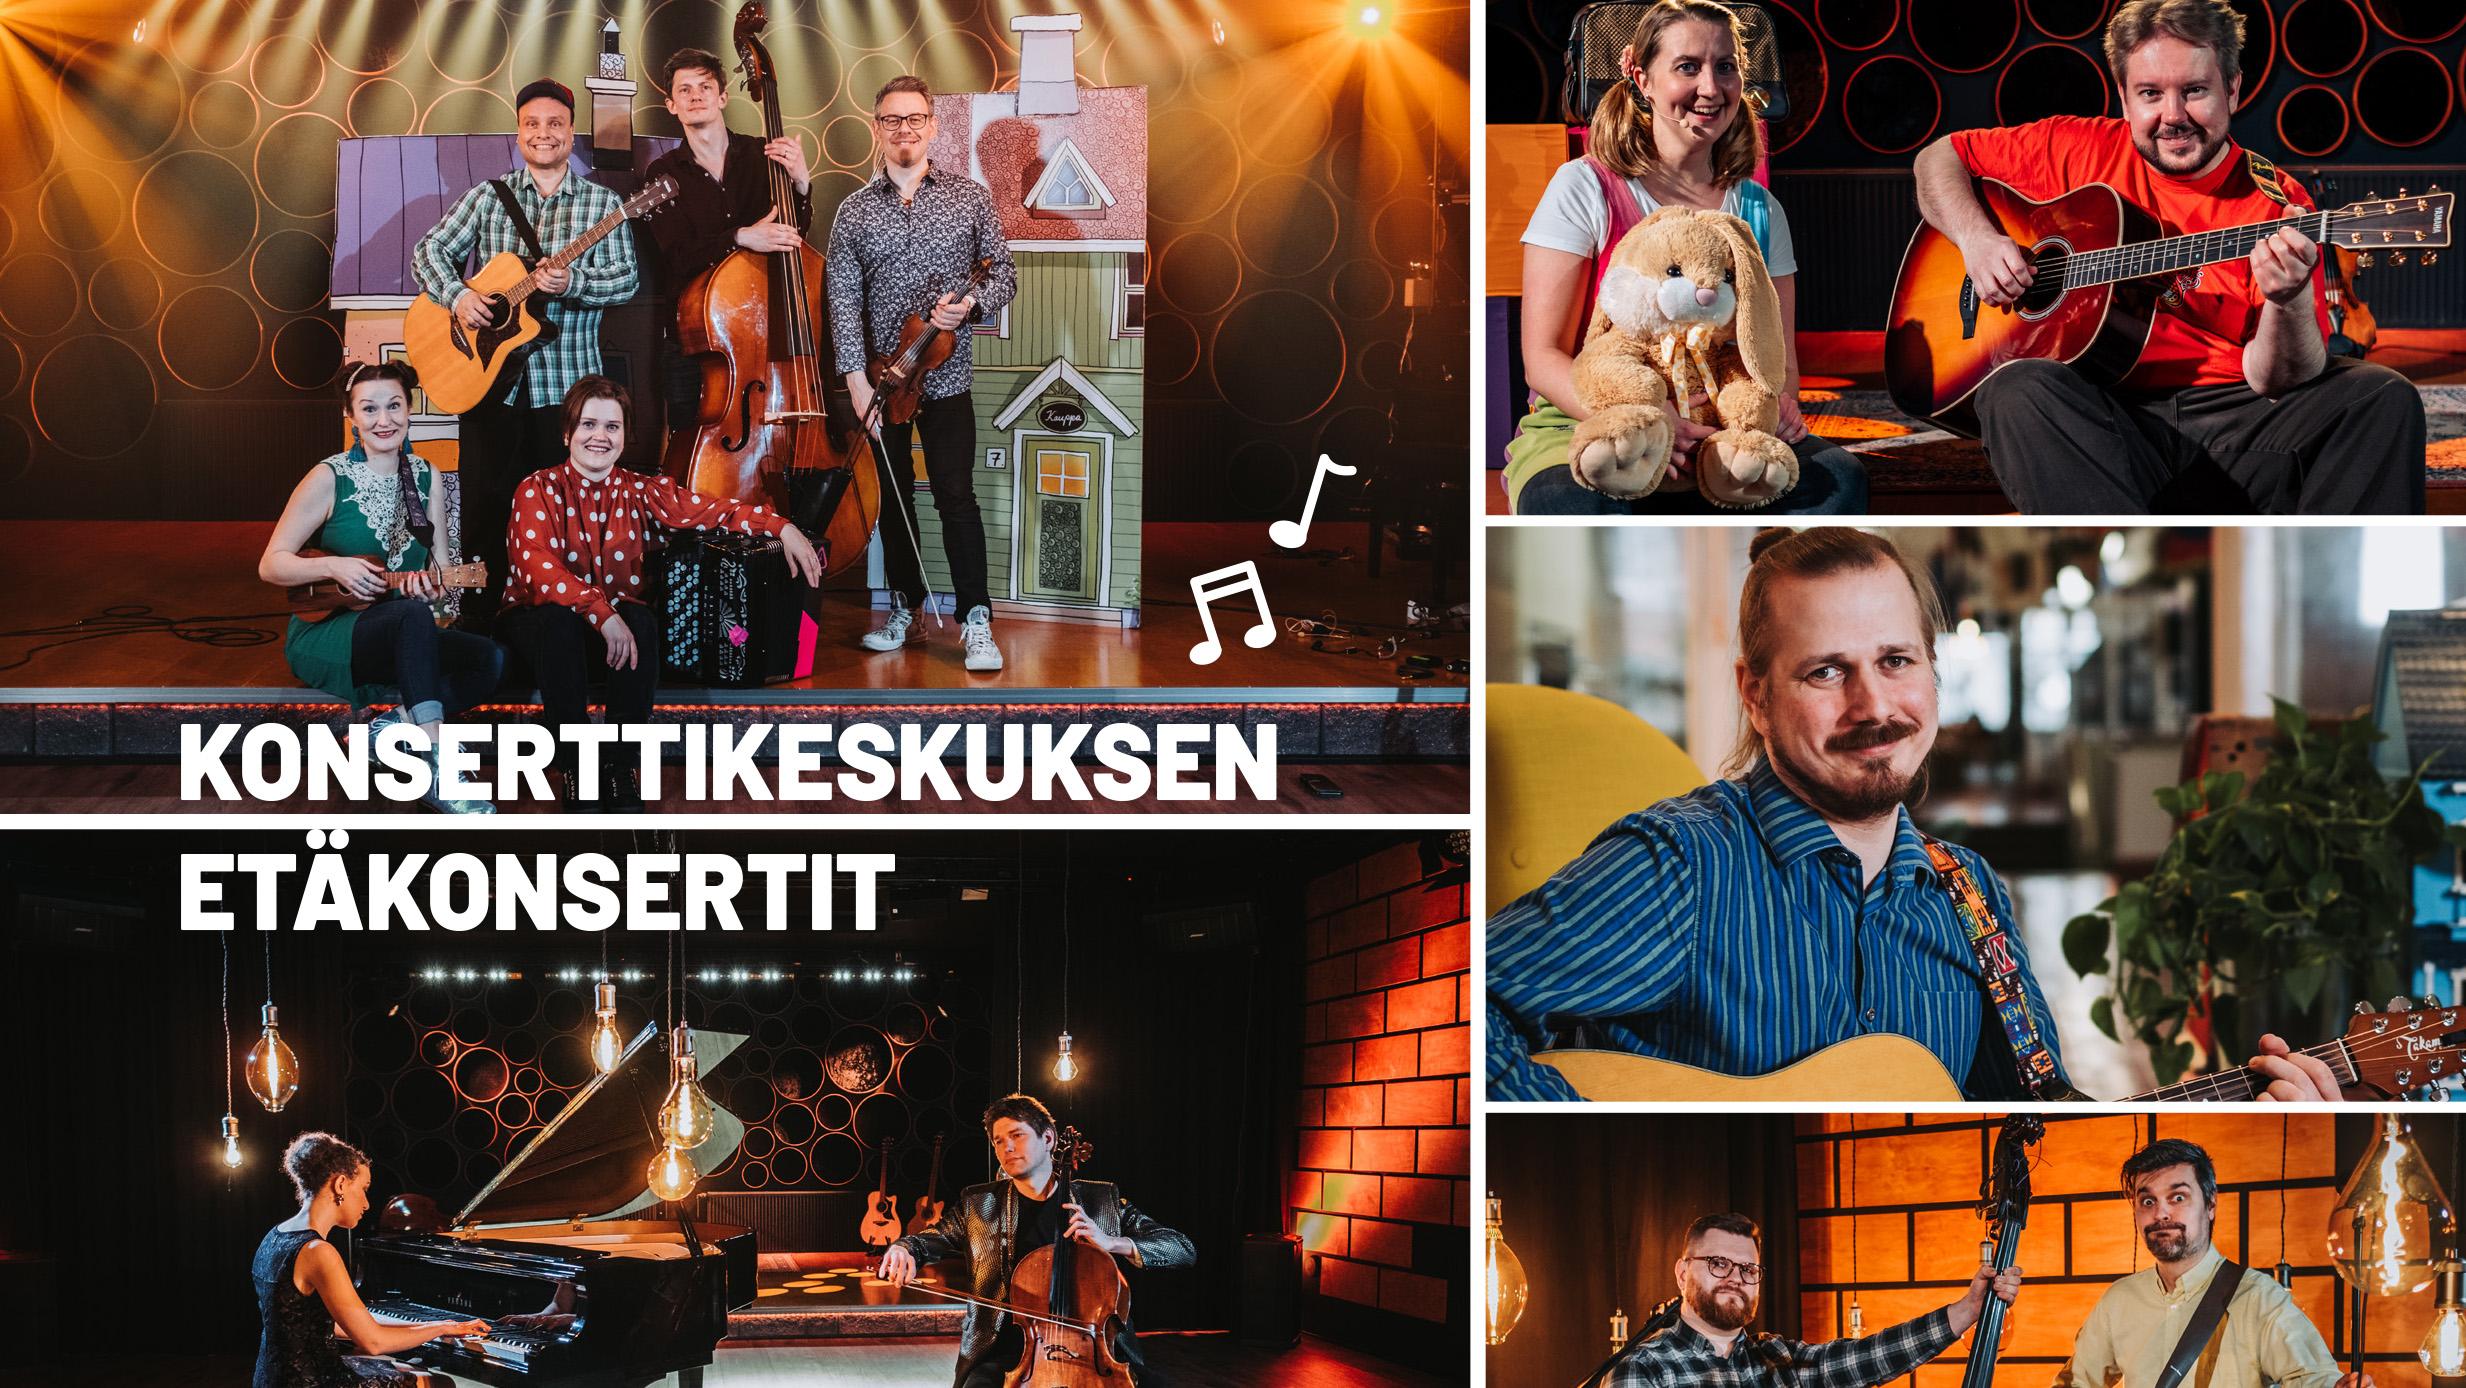 Kuvassa Konserttikeskuksen yhtyeitä etäkonserttien kuvauksista.